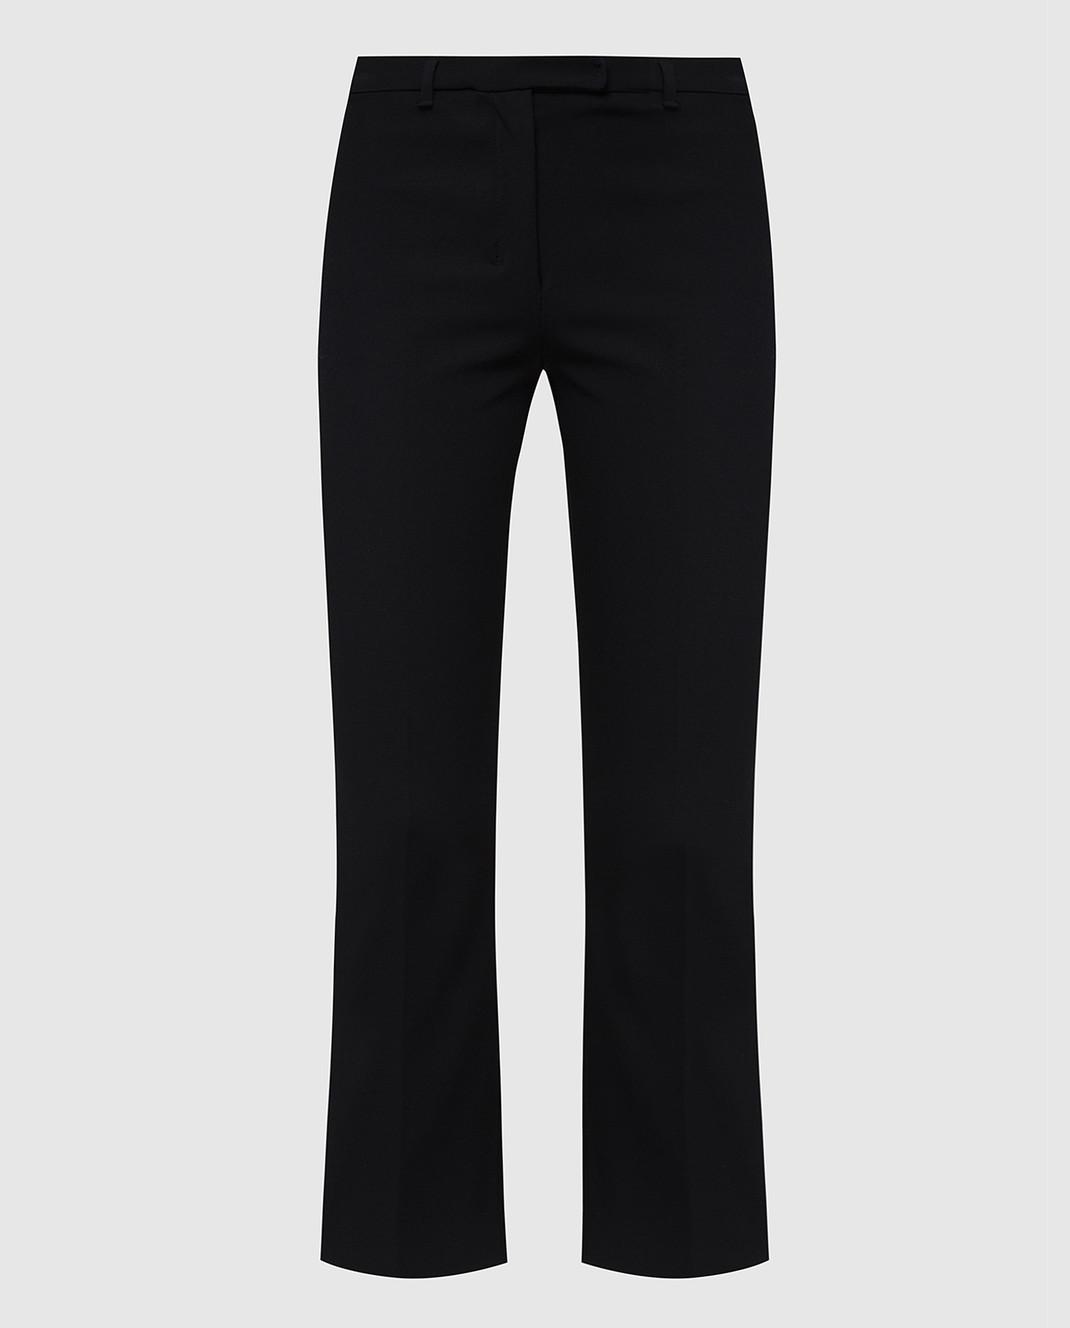 Max Mara Черные брюки изображение 1